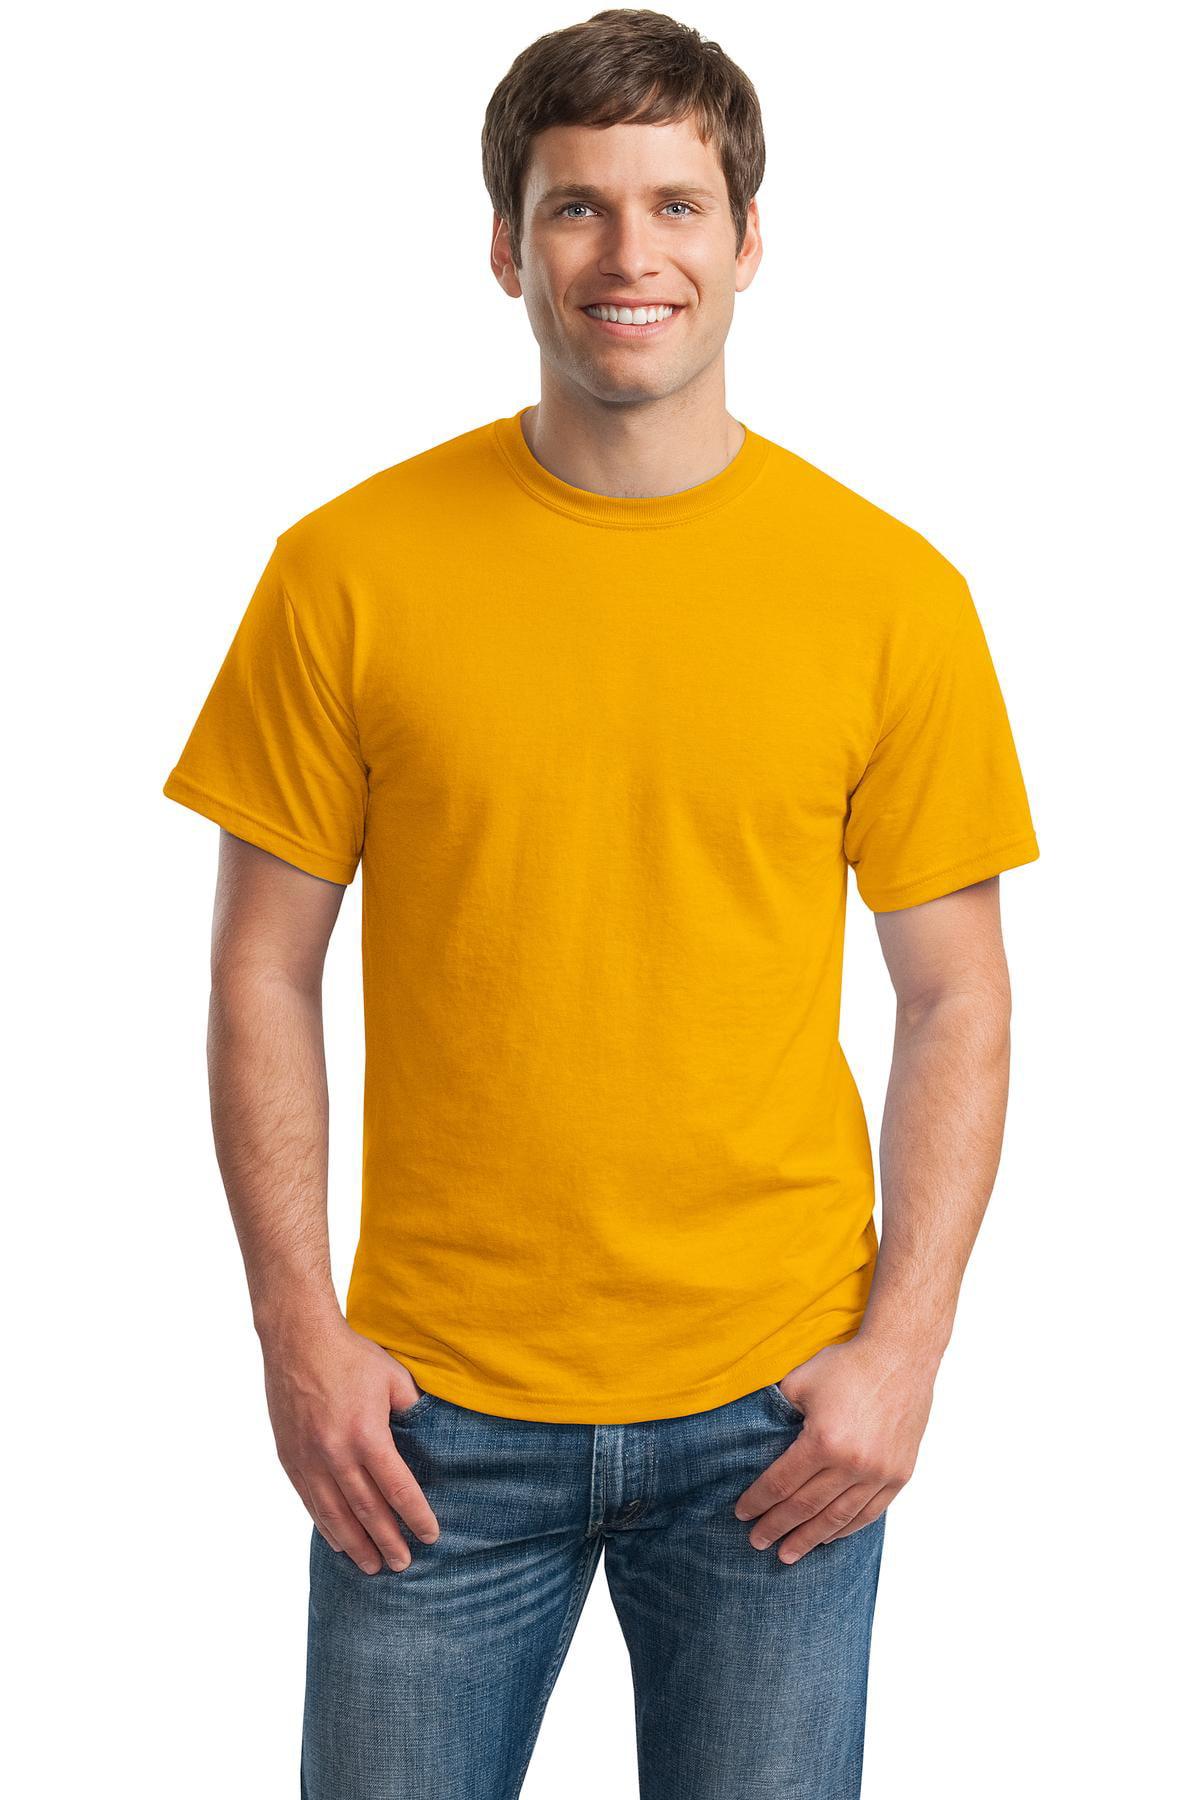 T-Shirts DryBlend 50/50 T-Shirt